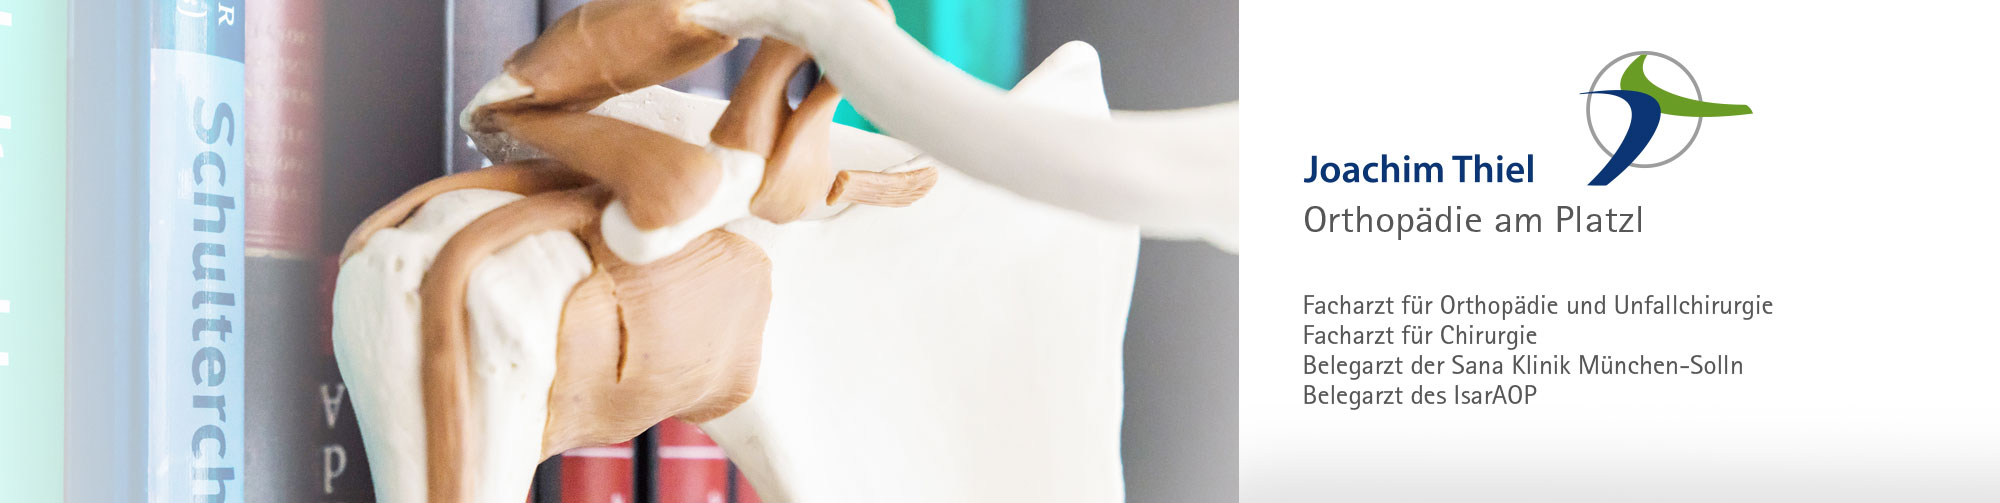 Behandlungsschwerpunkte Schultergelenk Orthopädische Praxis Joachim Thiel